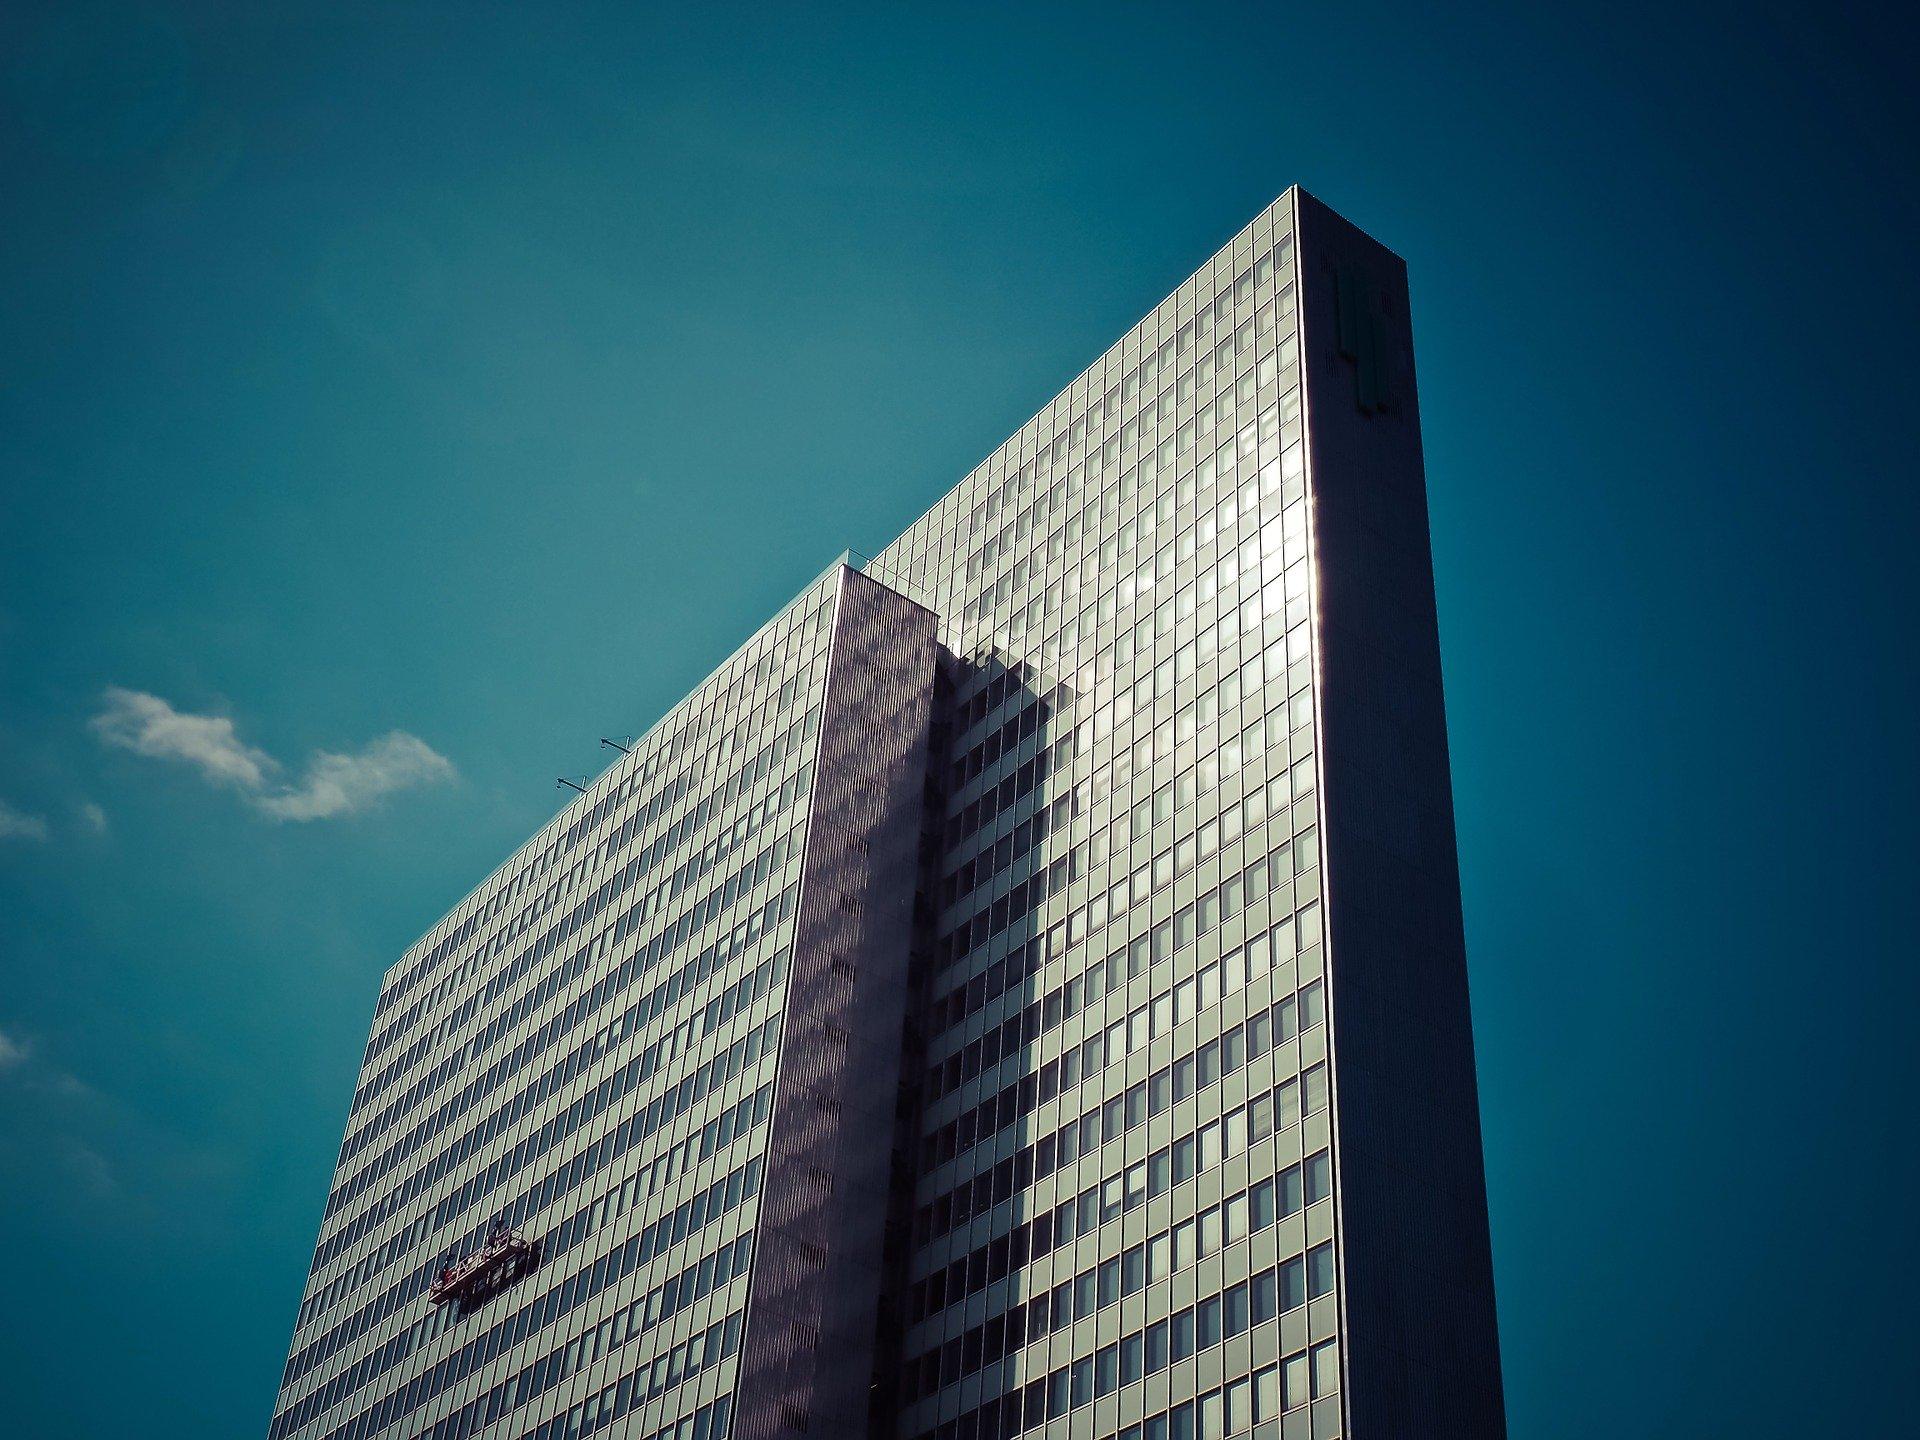 architecture-1359707_1920